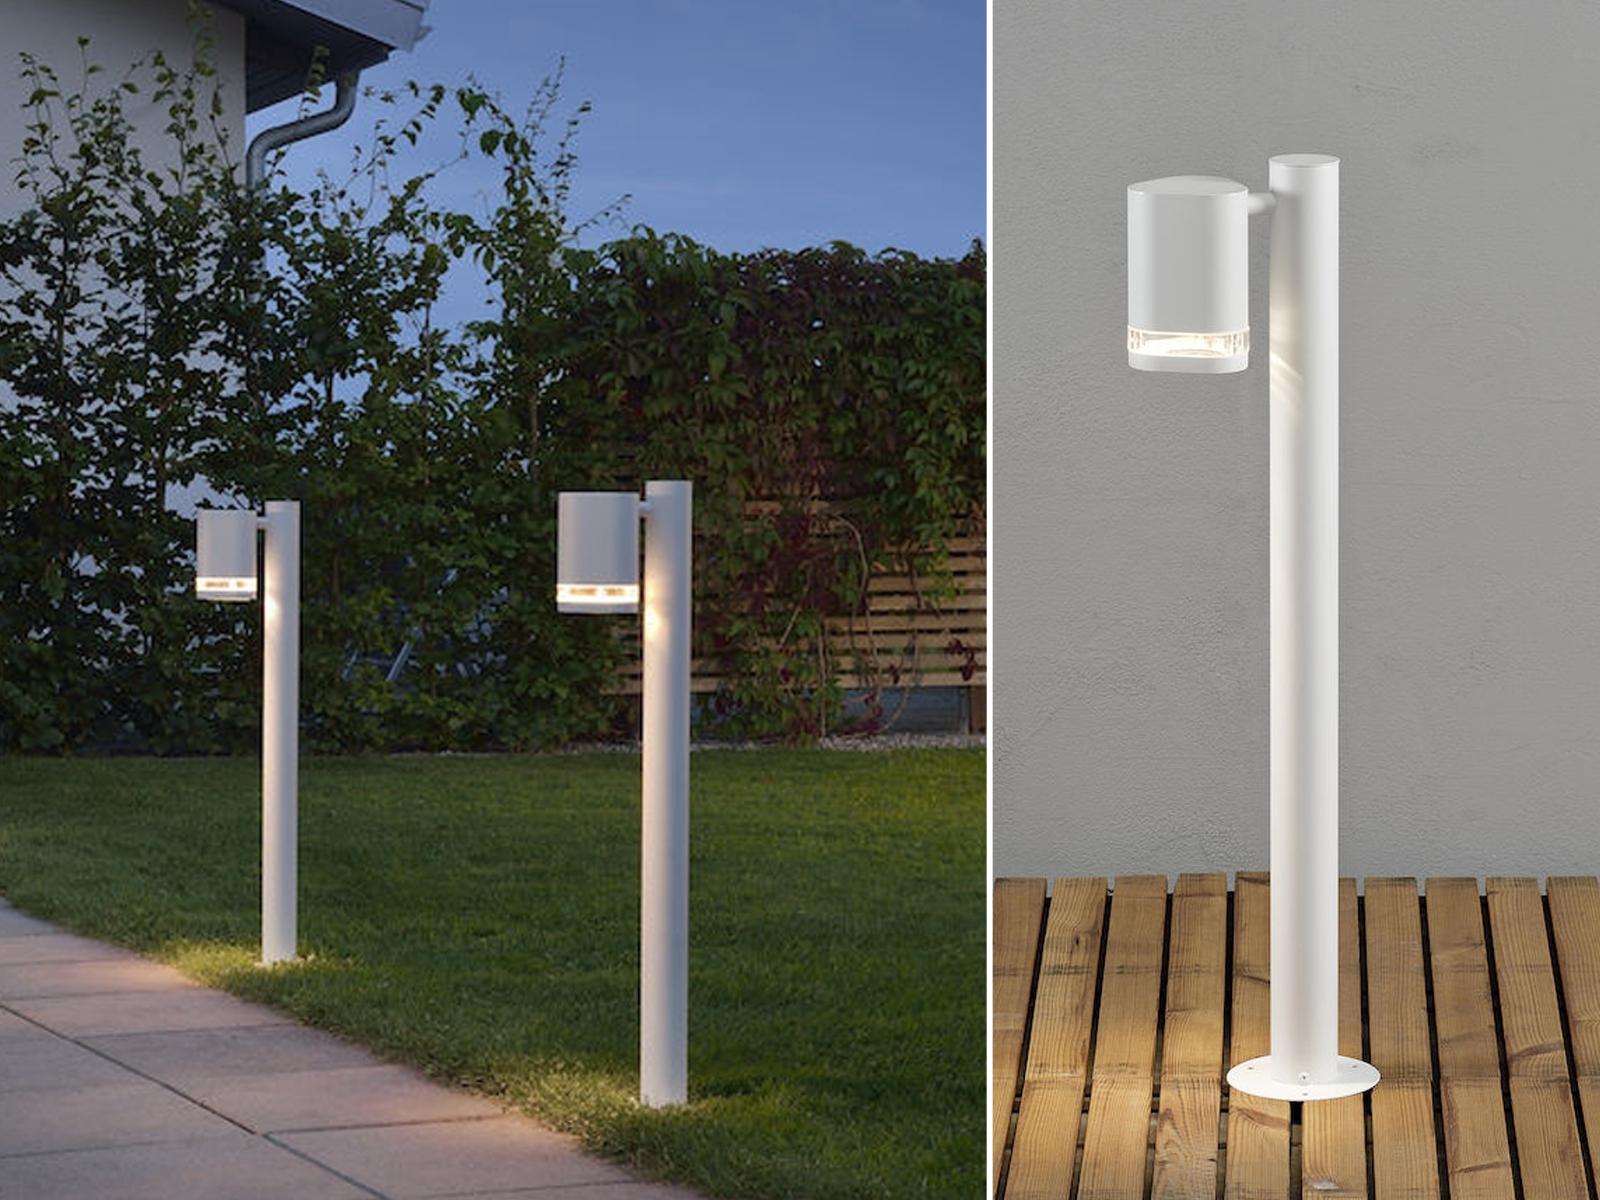 2er-Set Aluminium Wegeleuchte MODENA weiss, GU10, Höhe Höhe Höhe 70 cm, IP44 | Offizielle Webseite  | Moderate Kosten  | Niedriger Preis und gute Qualität  f64ffc